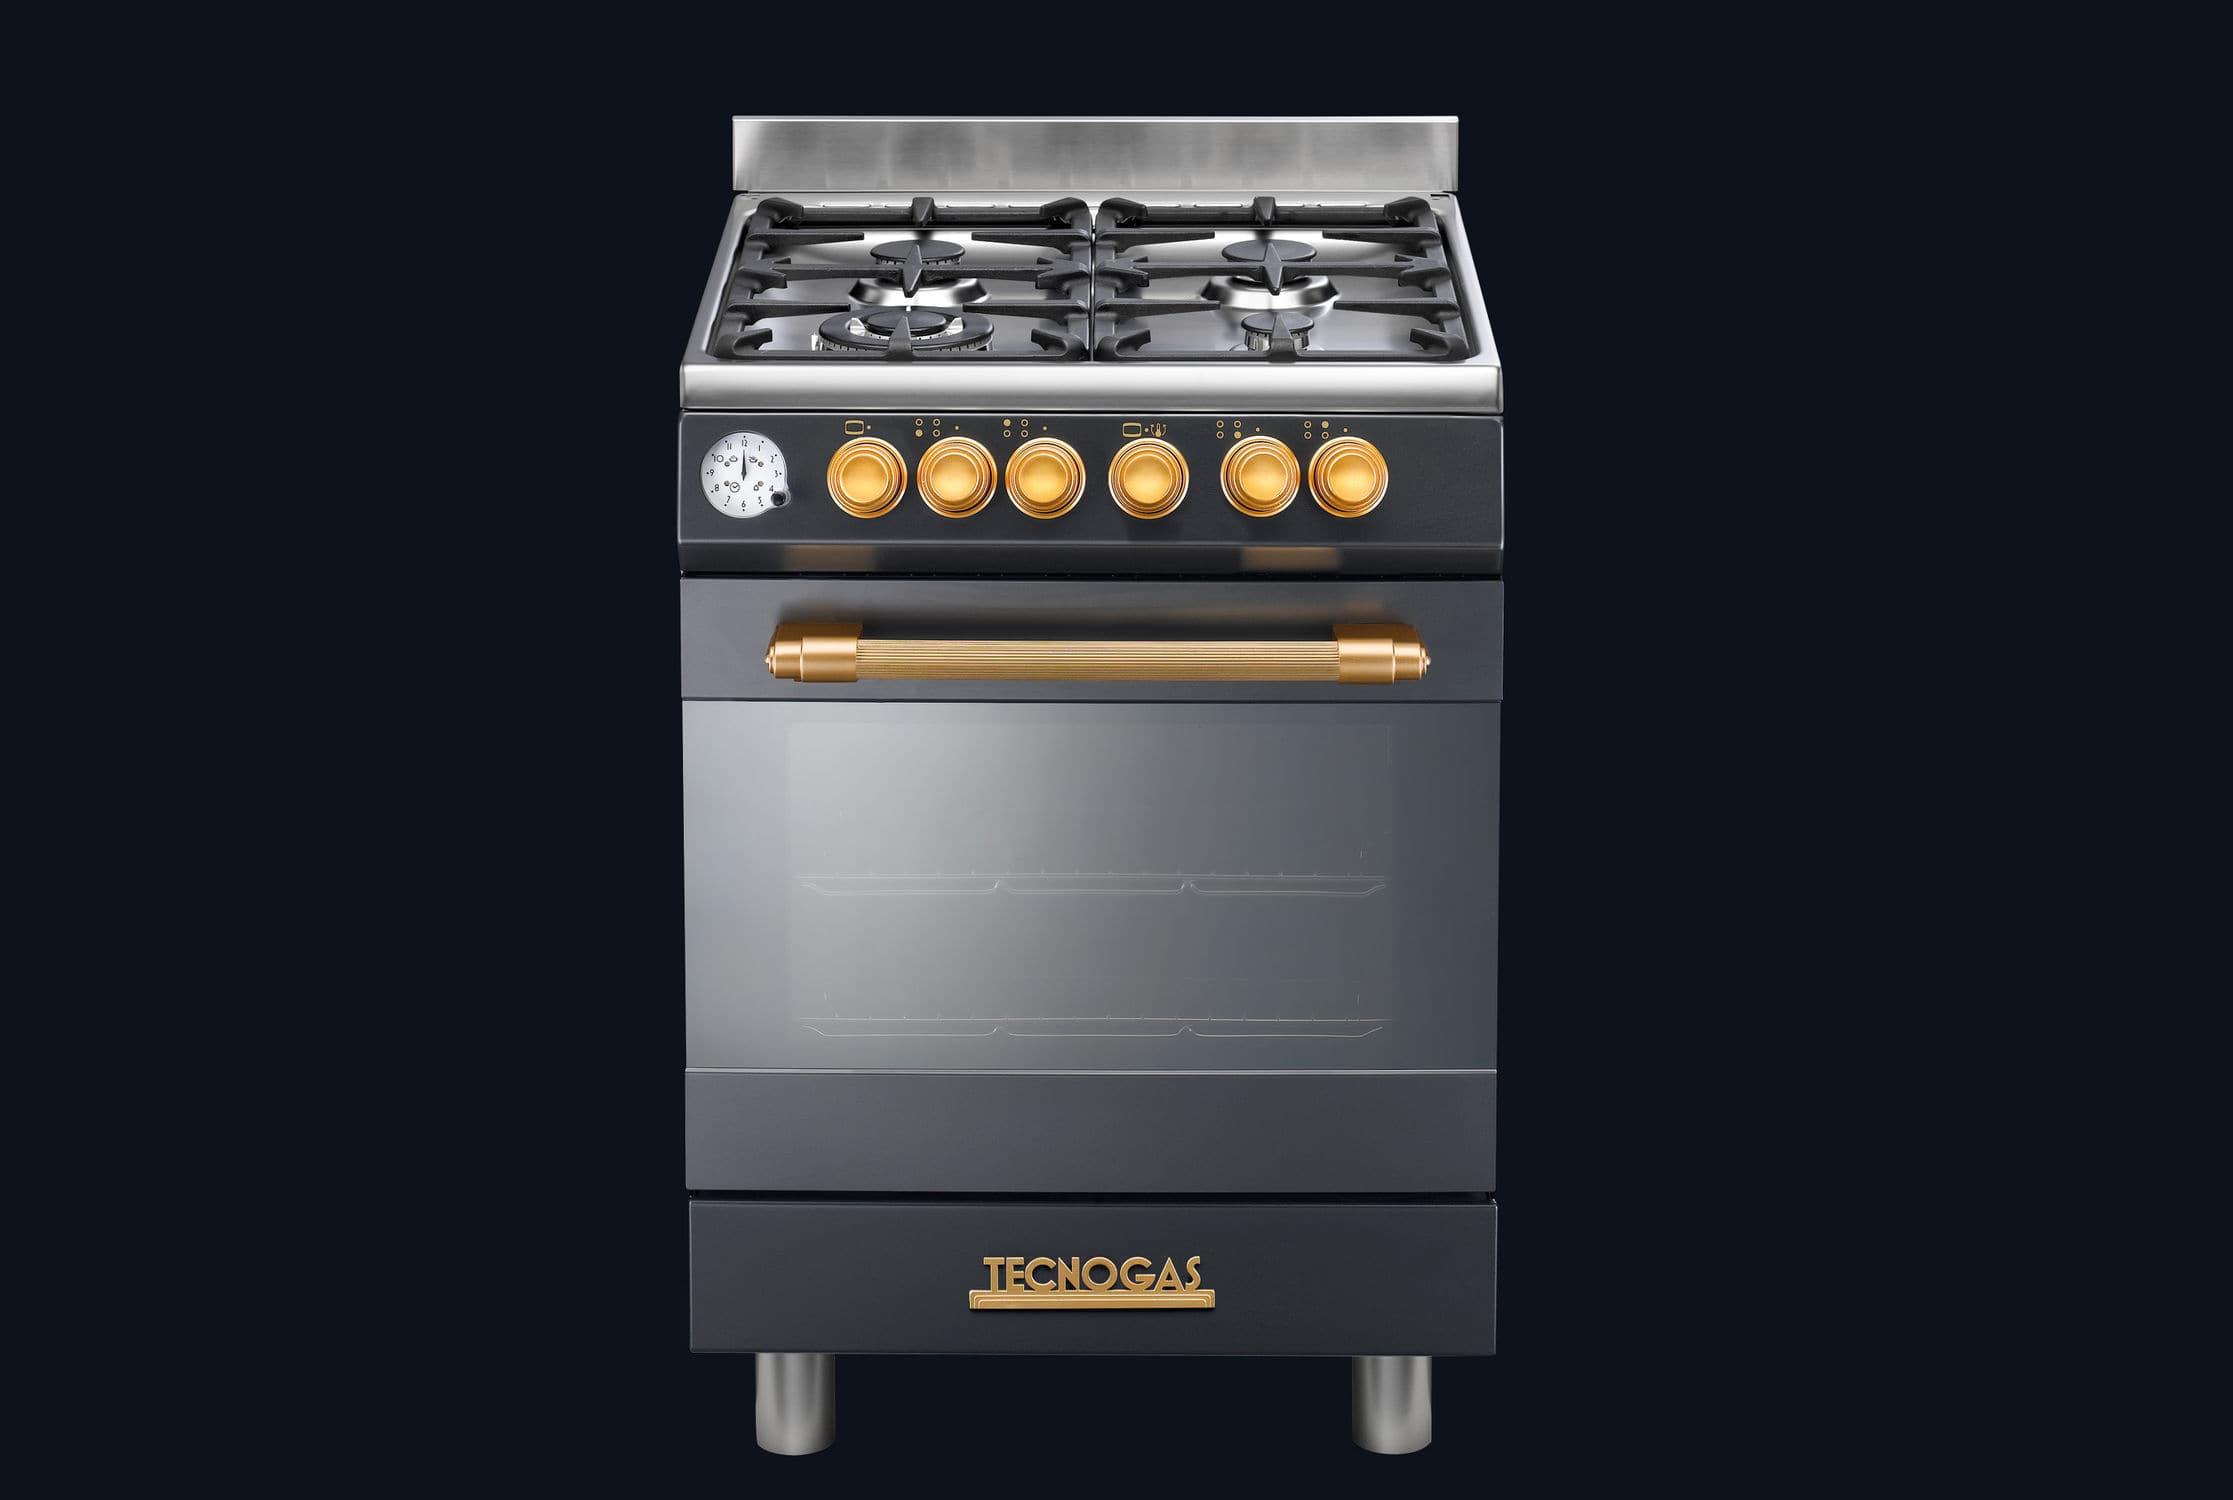 Piano De Cuisson Largeur 60 Cm cuisinière à gaz / électrique / wok / en fonte - 60 deco l2